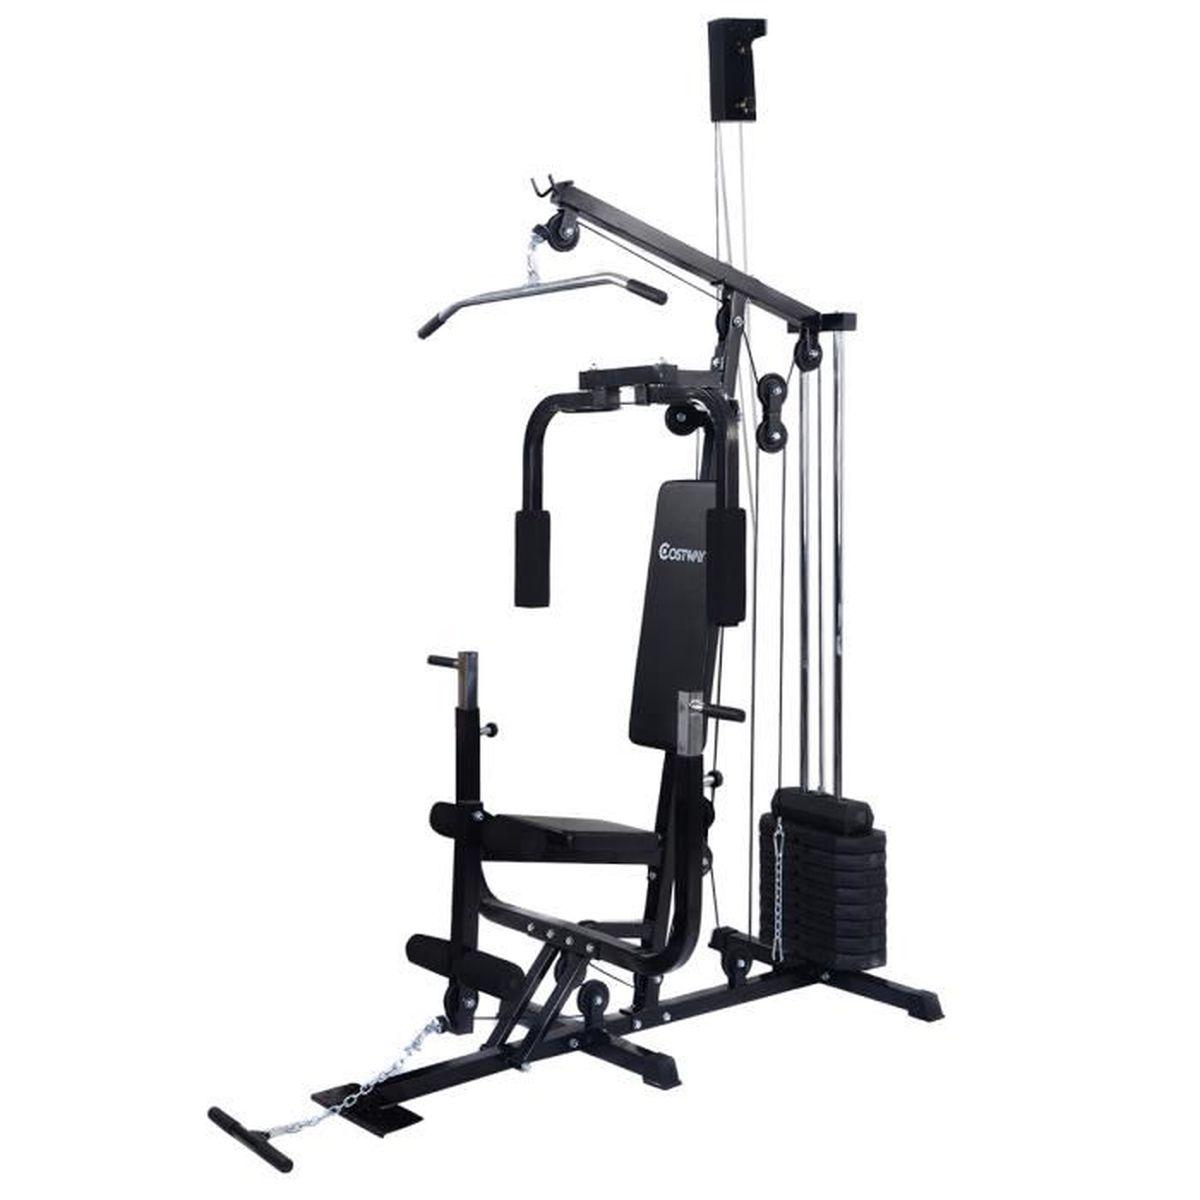 station de musculation multi gym entra nement execices appareil de fitness prix pas cher. Black Bedroom Furniture Sets. Home Design Ideas